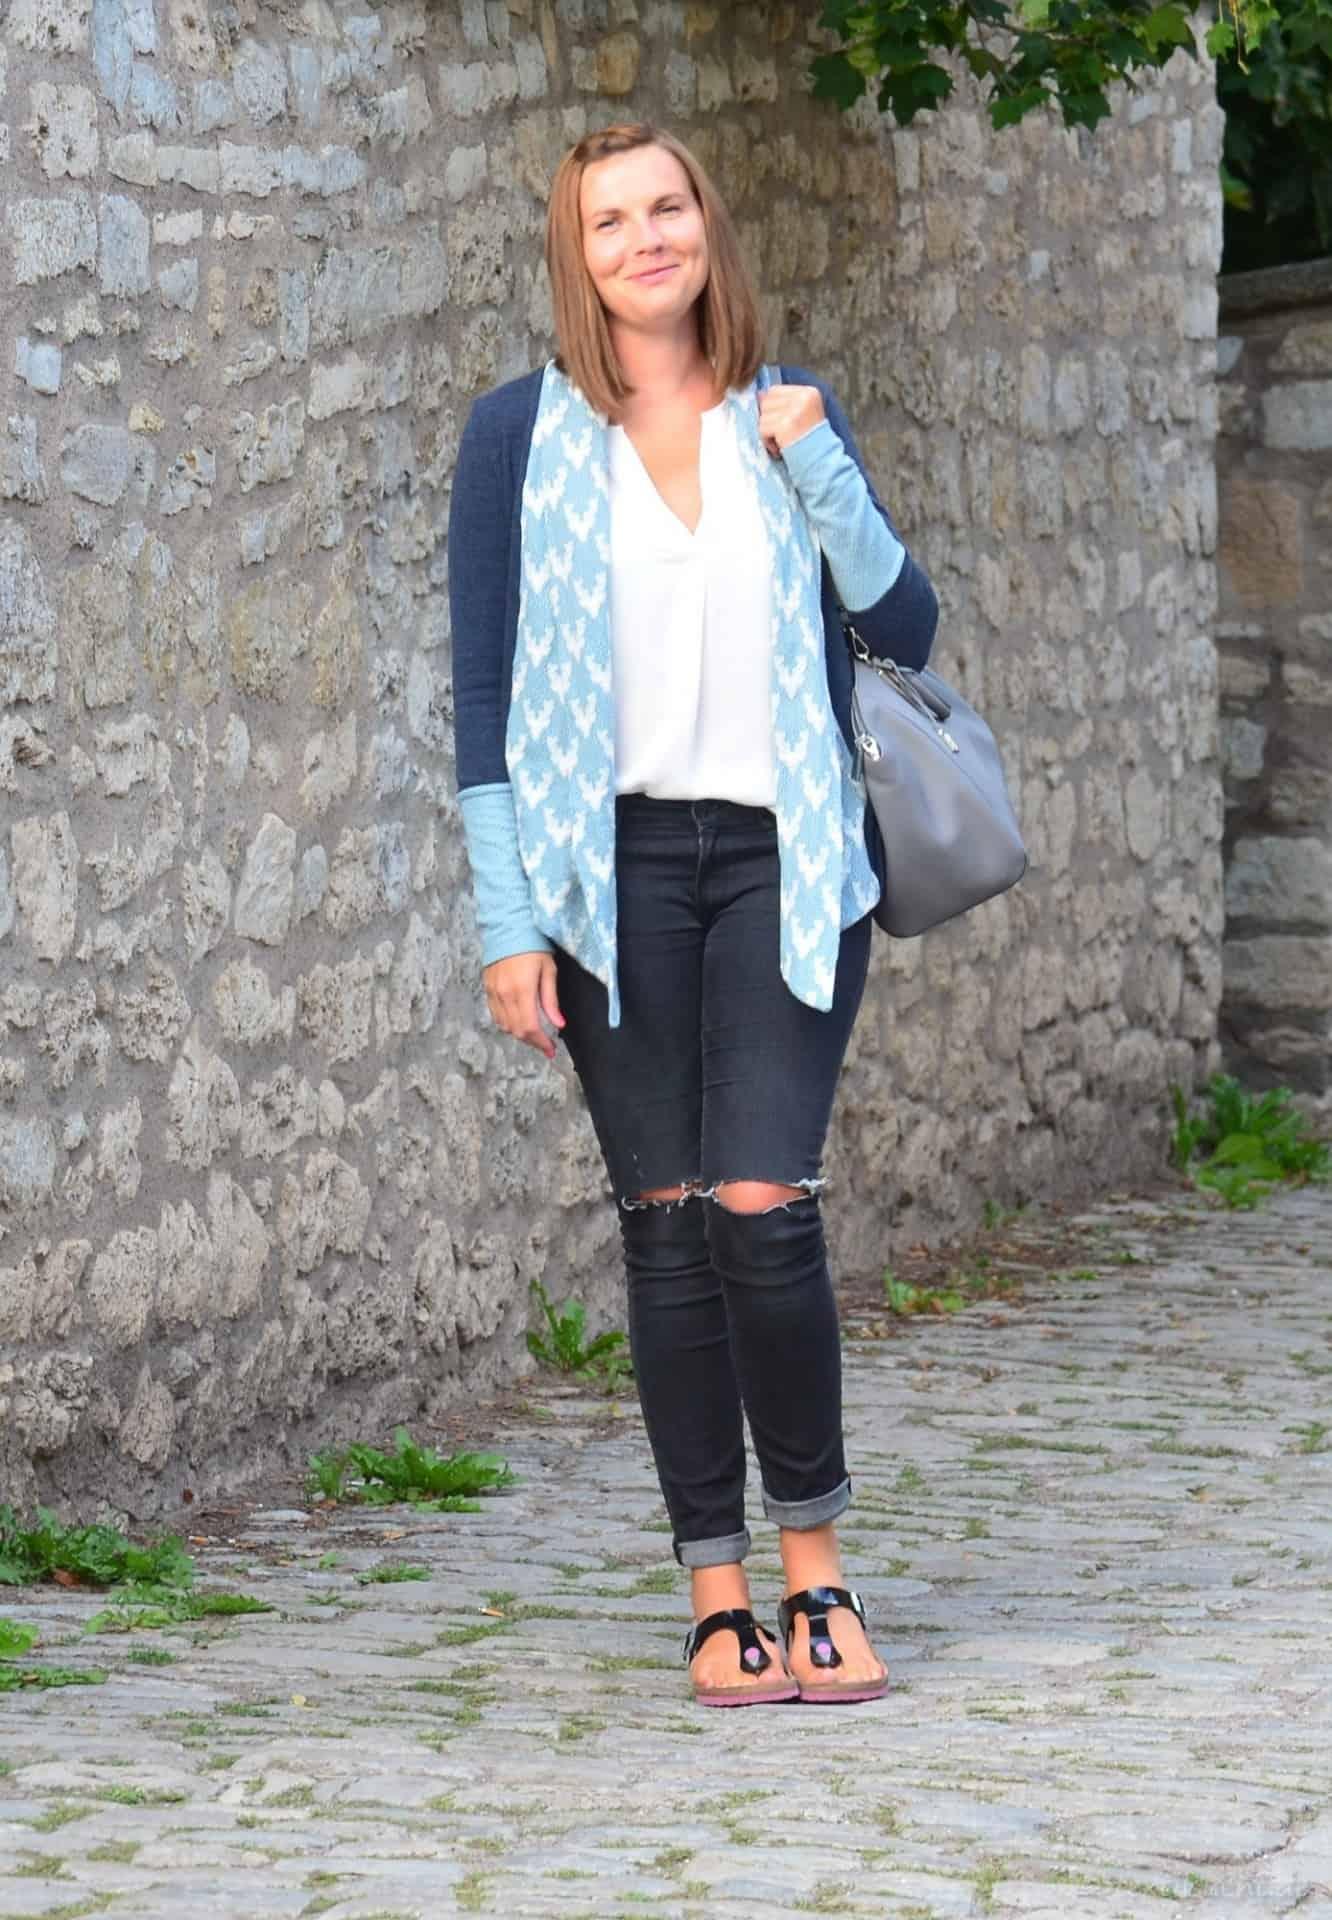 Eine Alegra Strickjacke für kühle Sommerabende - Bild 1 | textilsucht.de